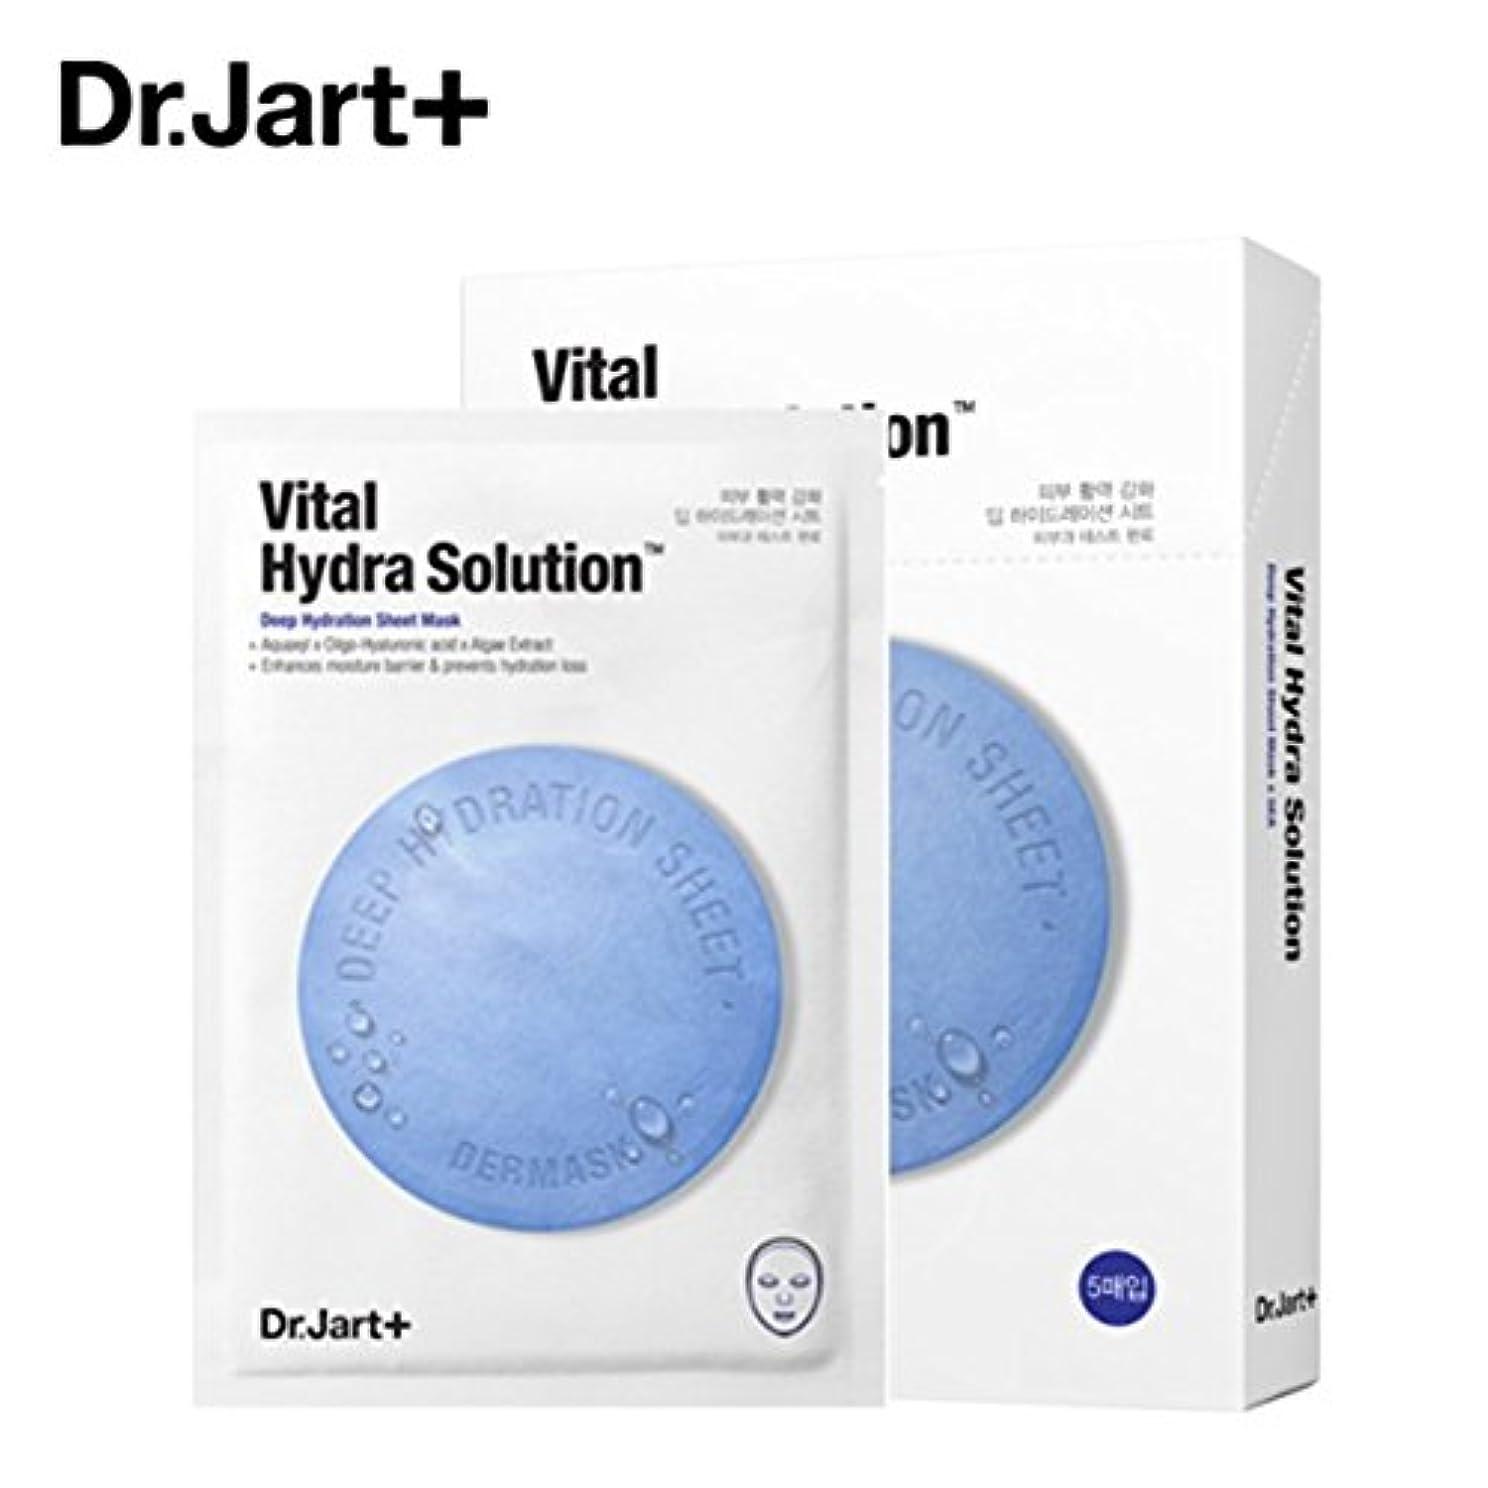 私たち自身自伝独立してDr.Jart+/ドクタージャルト ドクタージャルト ダーマスク ウォータージェット バイタルハイドラソリューション 5枚 (Dr.Jart+ DERMASK WATER JET VITAL HYDRA SOLUTION...